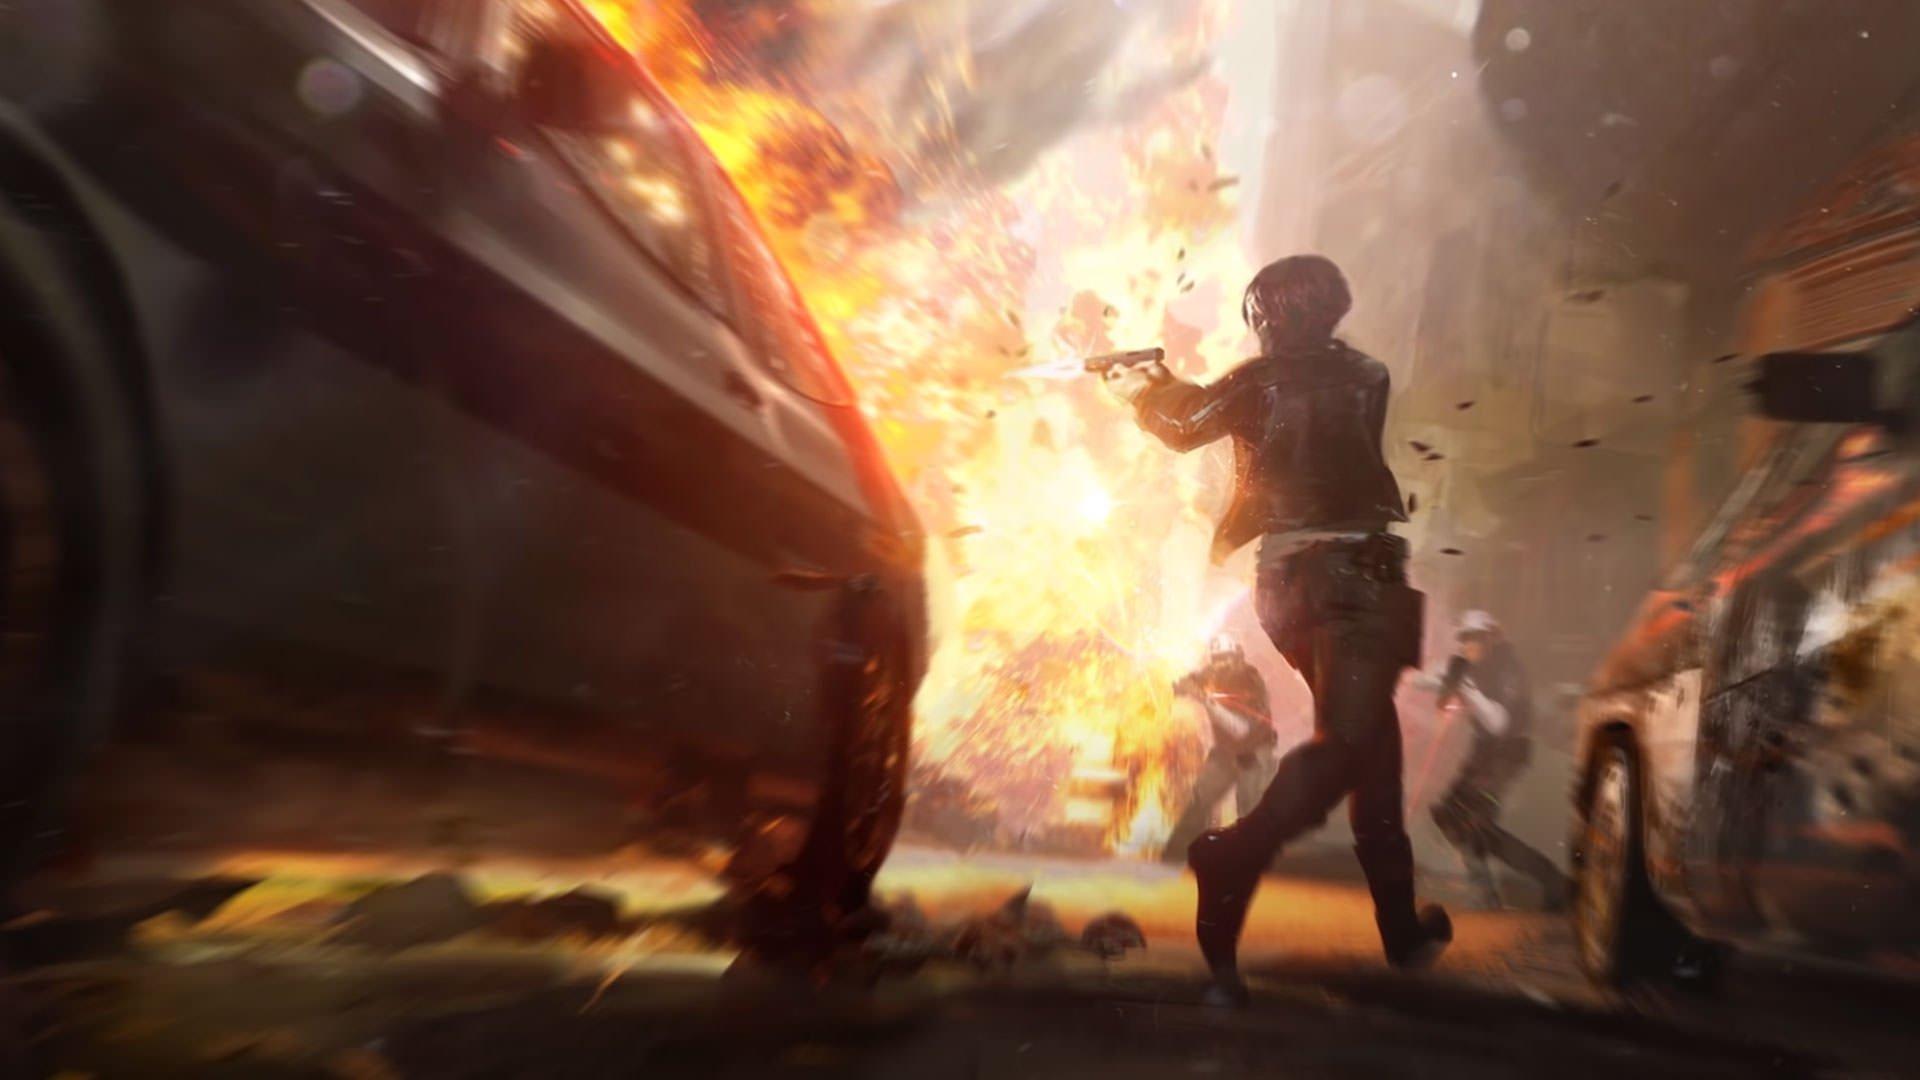 همکاری کریستال داینامیکس با اینیشیتیو در ساخت بازی Perfect Dark